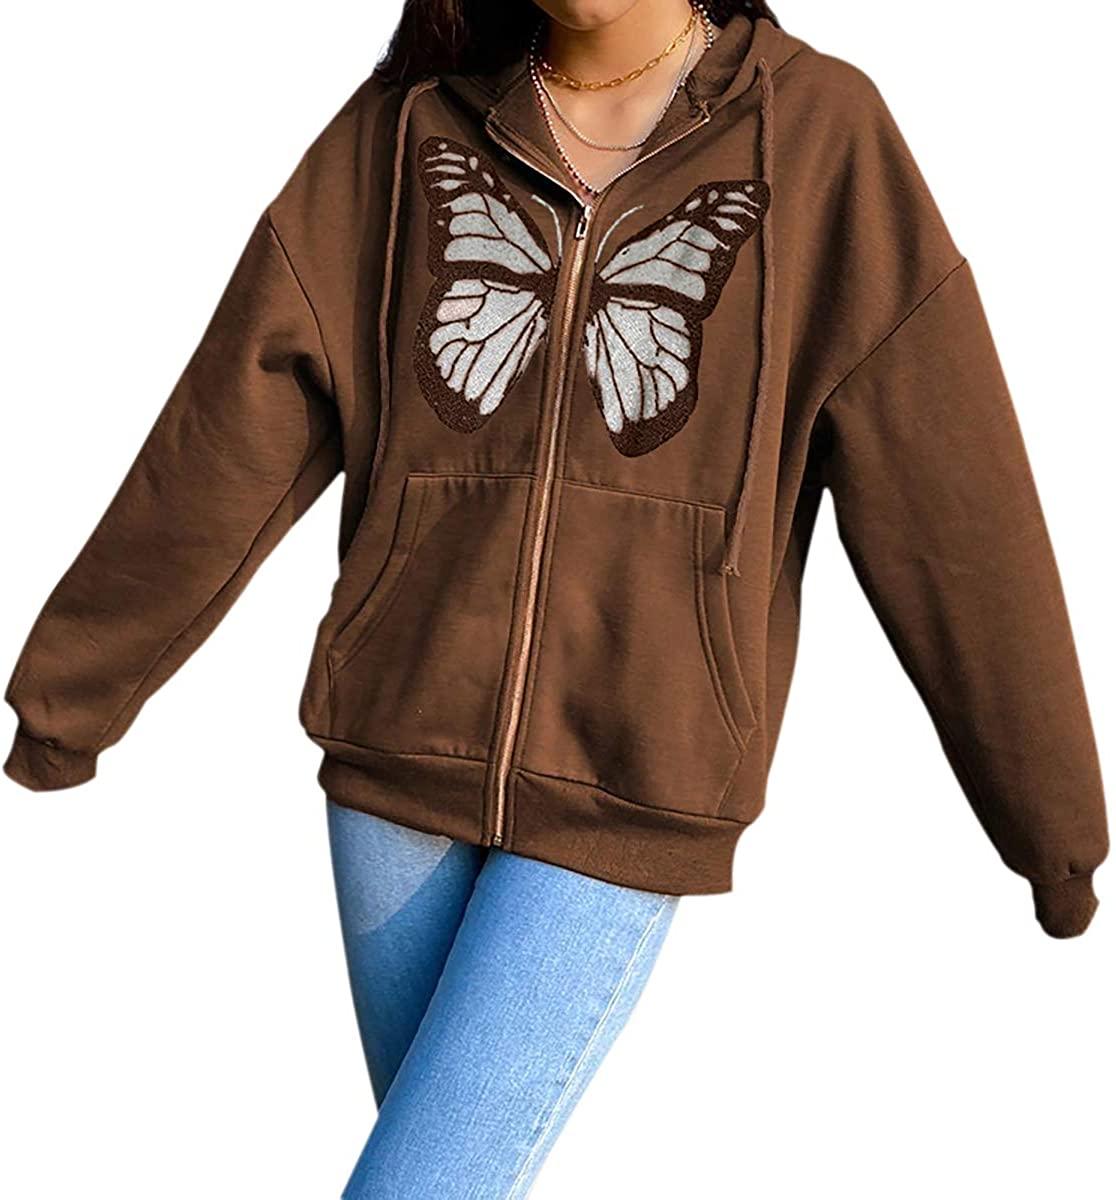 메라디안 여성 오버사이즈 나비 그래픽 후드 지퍼 업 드로스트링 루즈 후드 재킷과 포켓